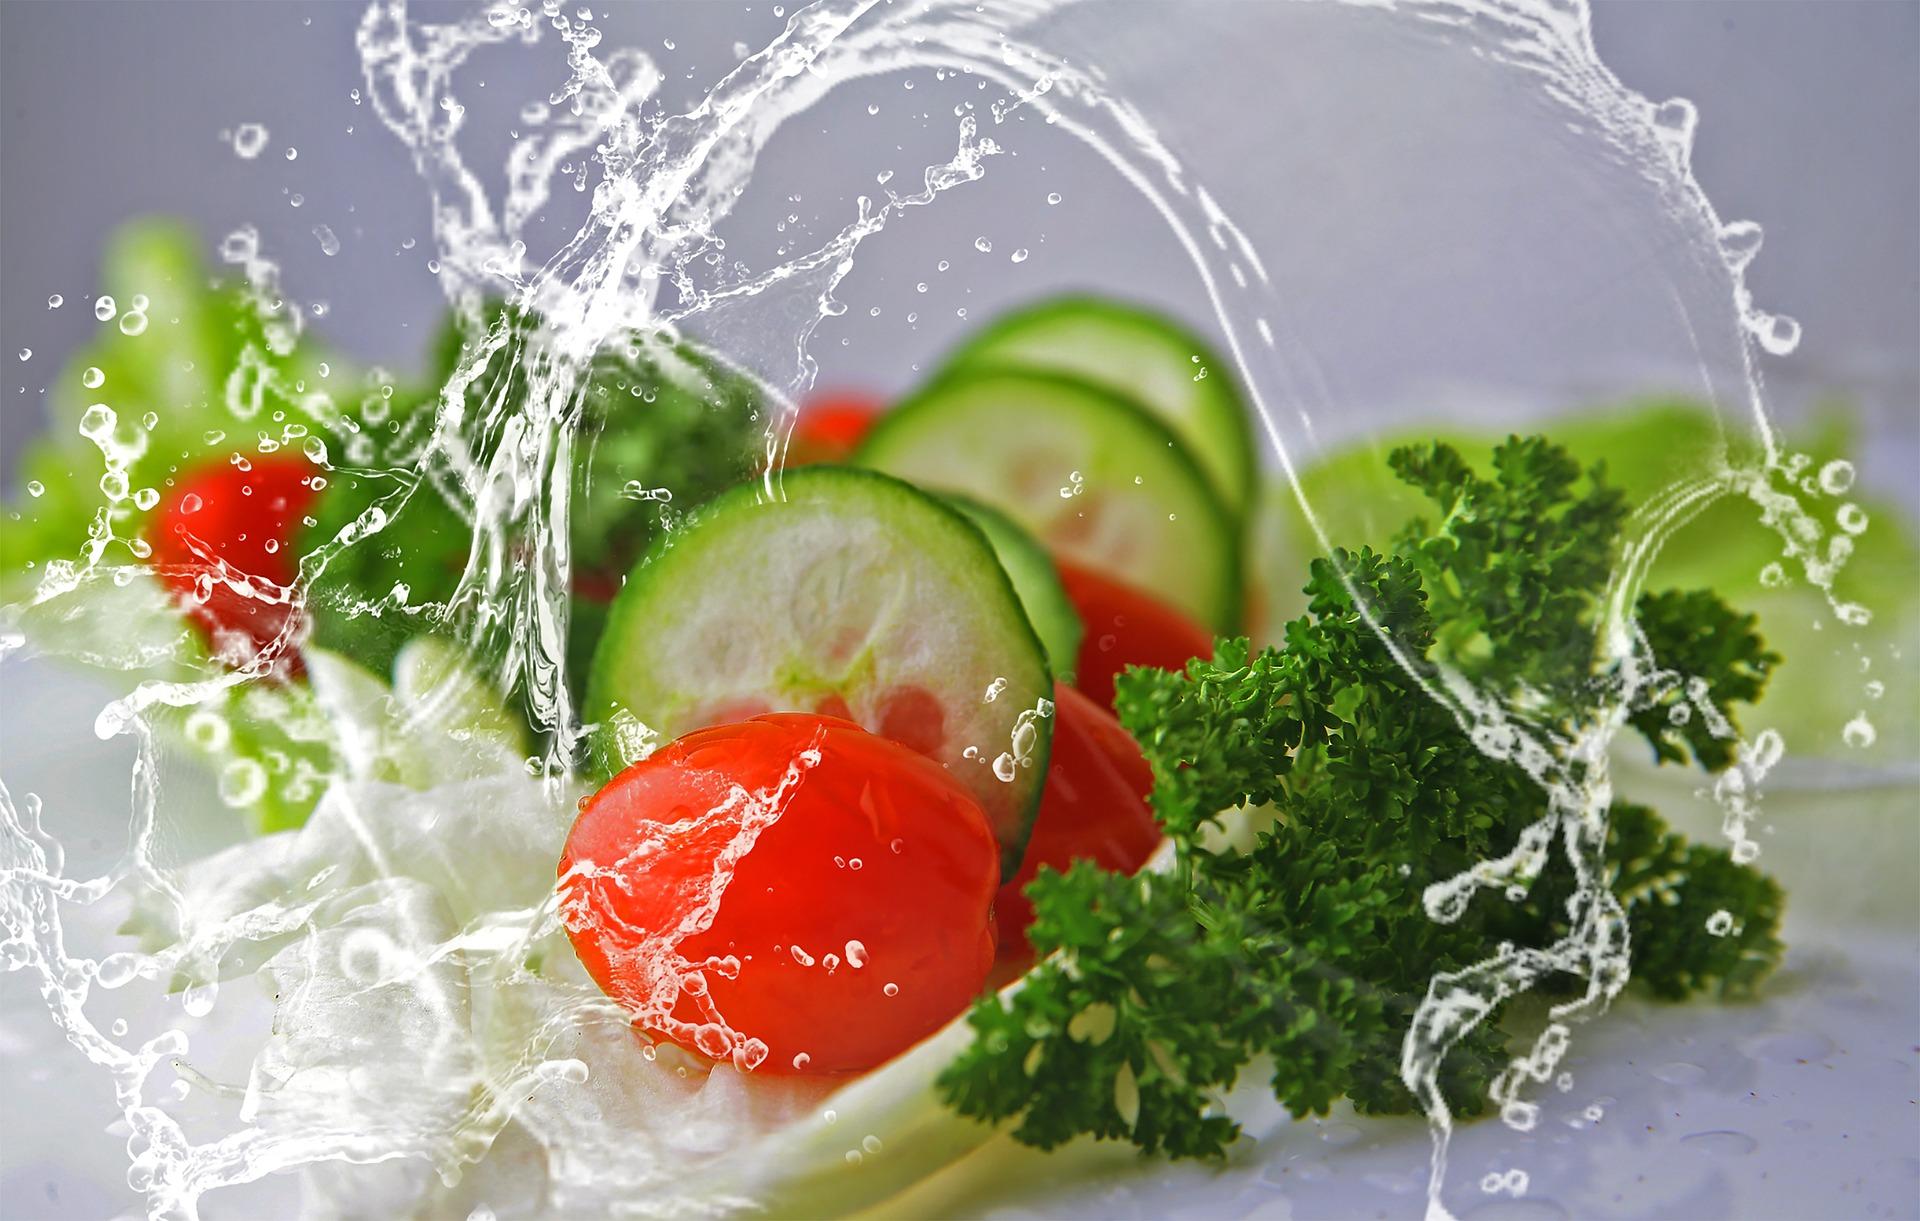 Фруктовая Диета И Вода. Избавляемся от 10 кг за неделю на фруктовой диете